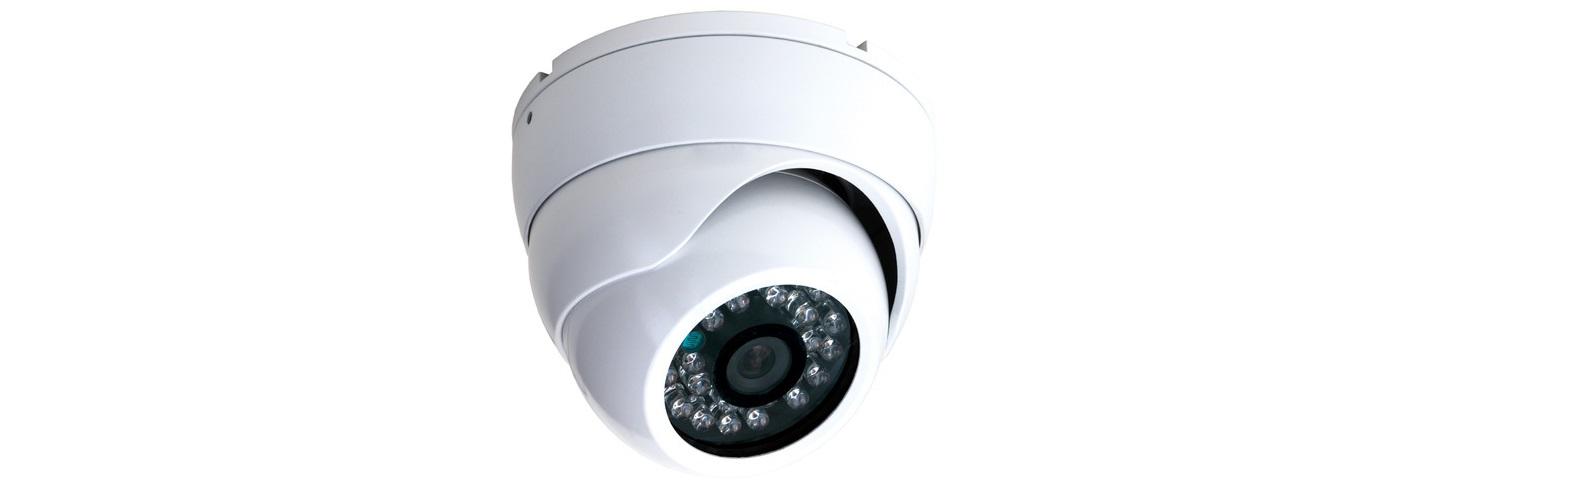 ir-dome-camera-500x500